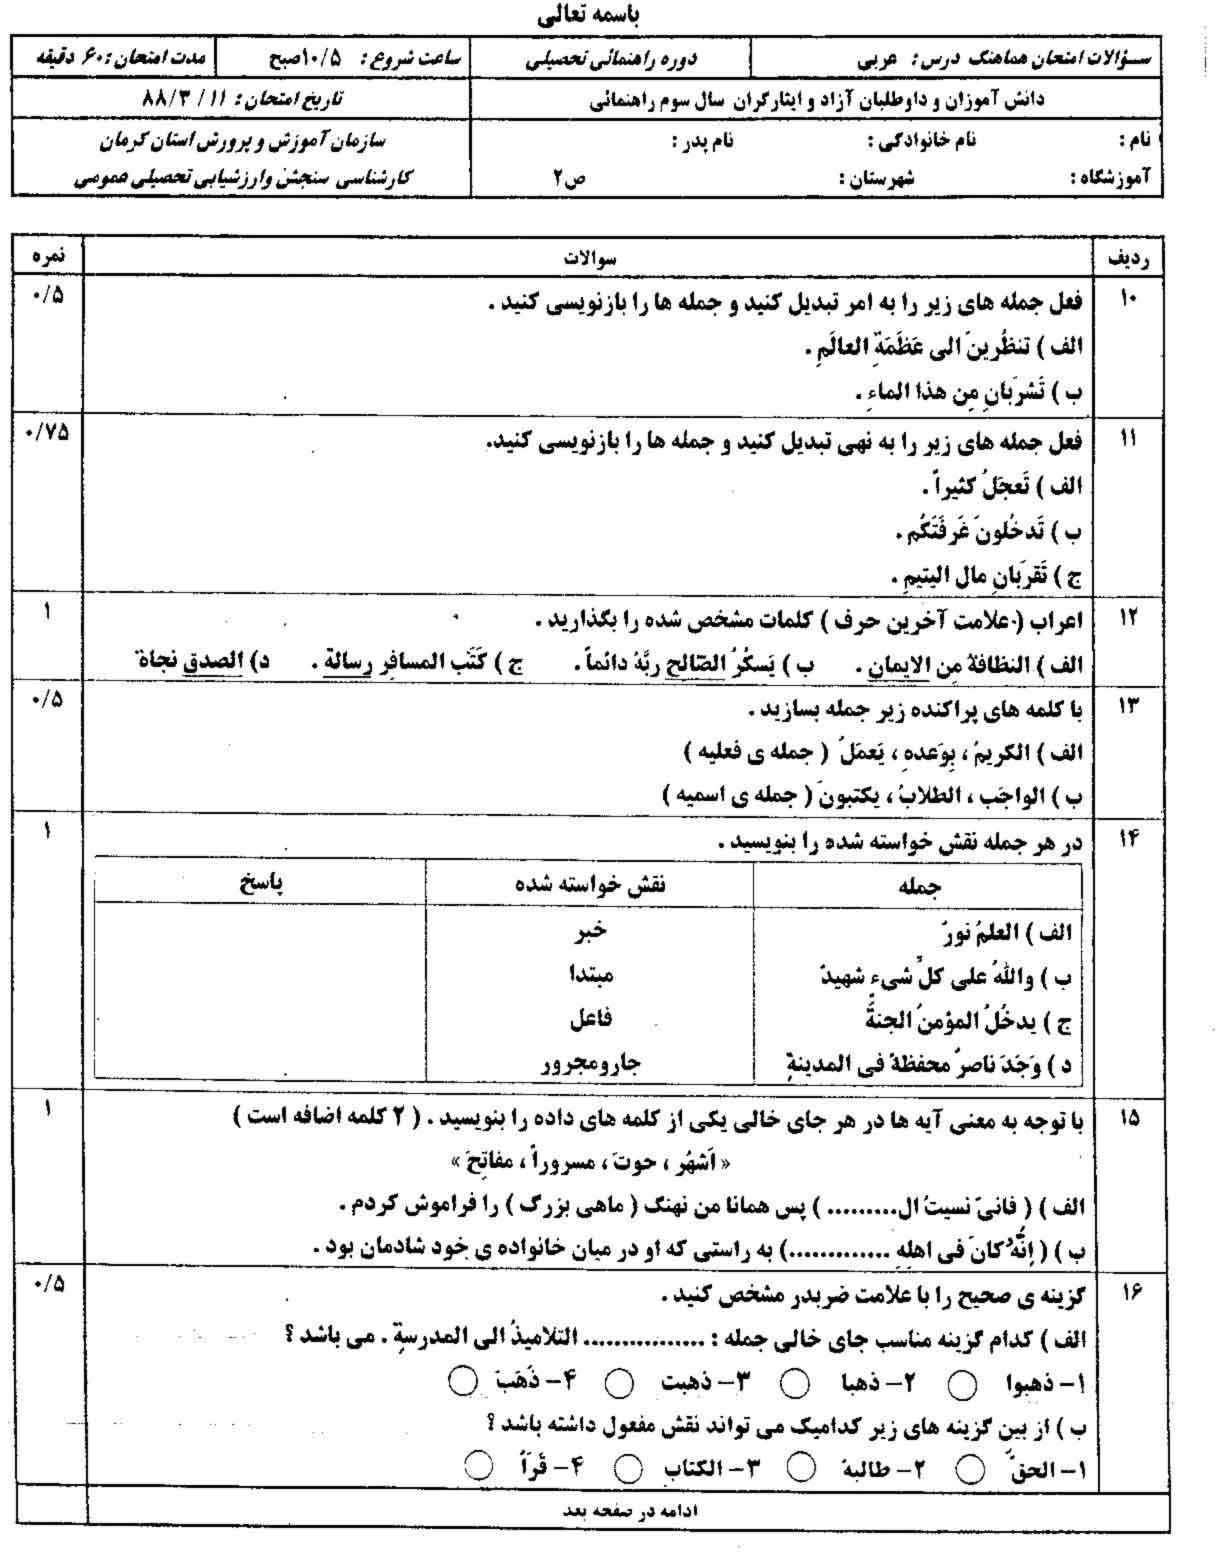 arabic2 نمونه سوالات درس عربی سوم راهنمایی